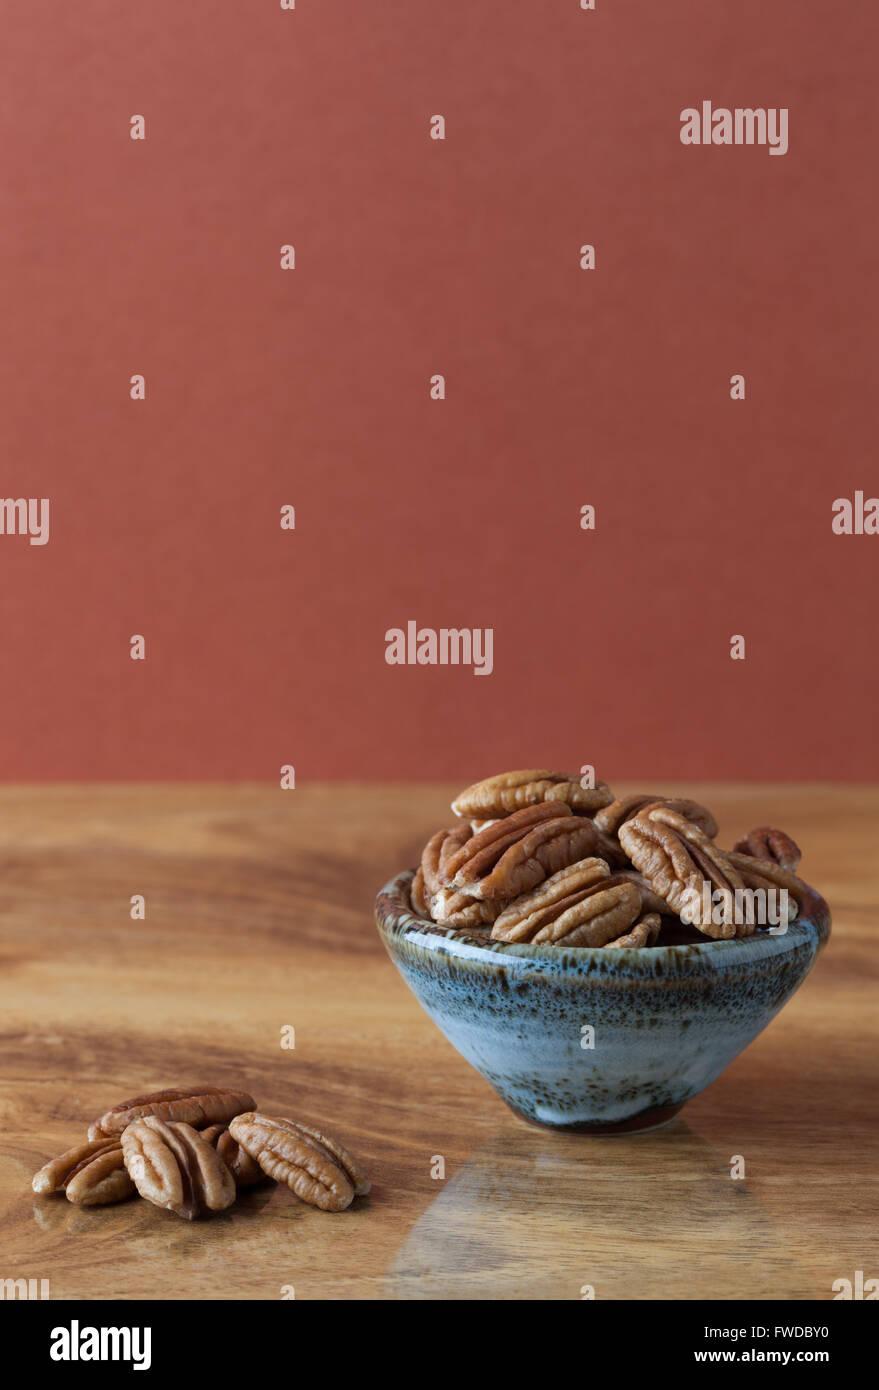 Les pacanes sur table en bois et en céramique bol avec fond brun. Copier l'espace, profondeur de champ Photo Stock